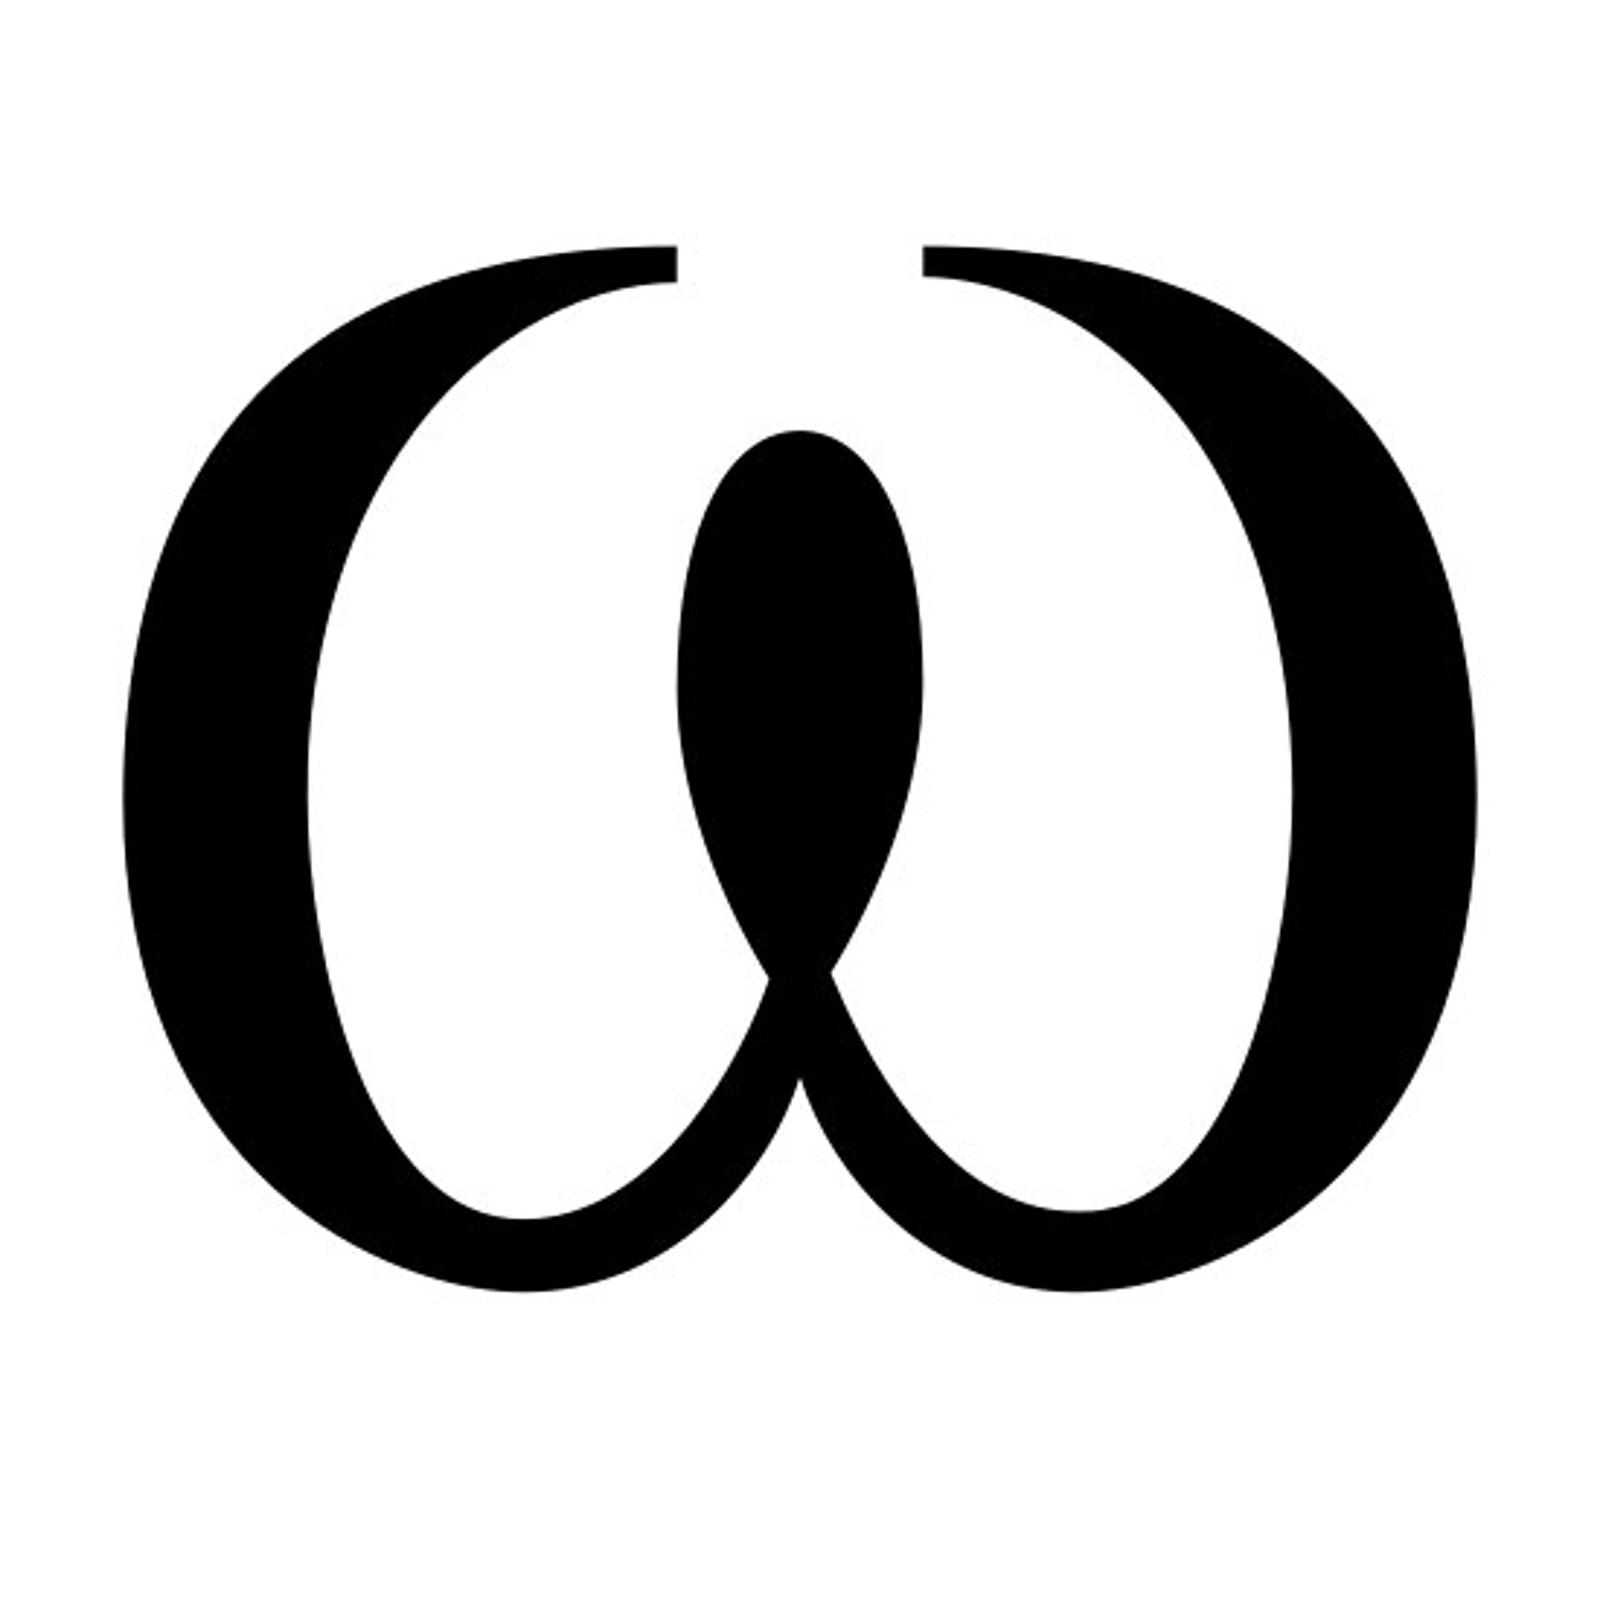 Oméga icon